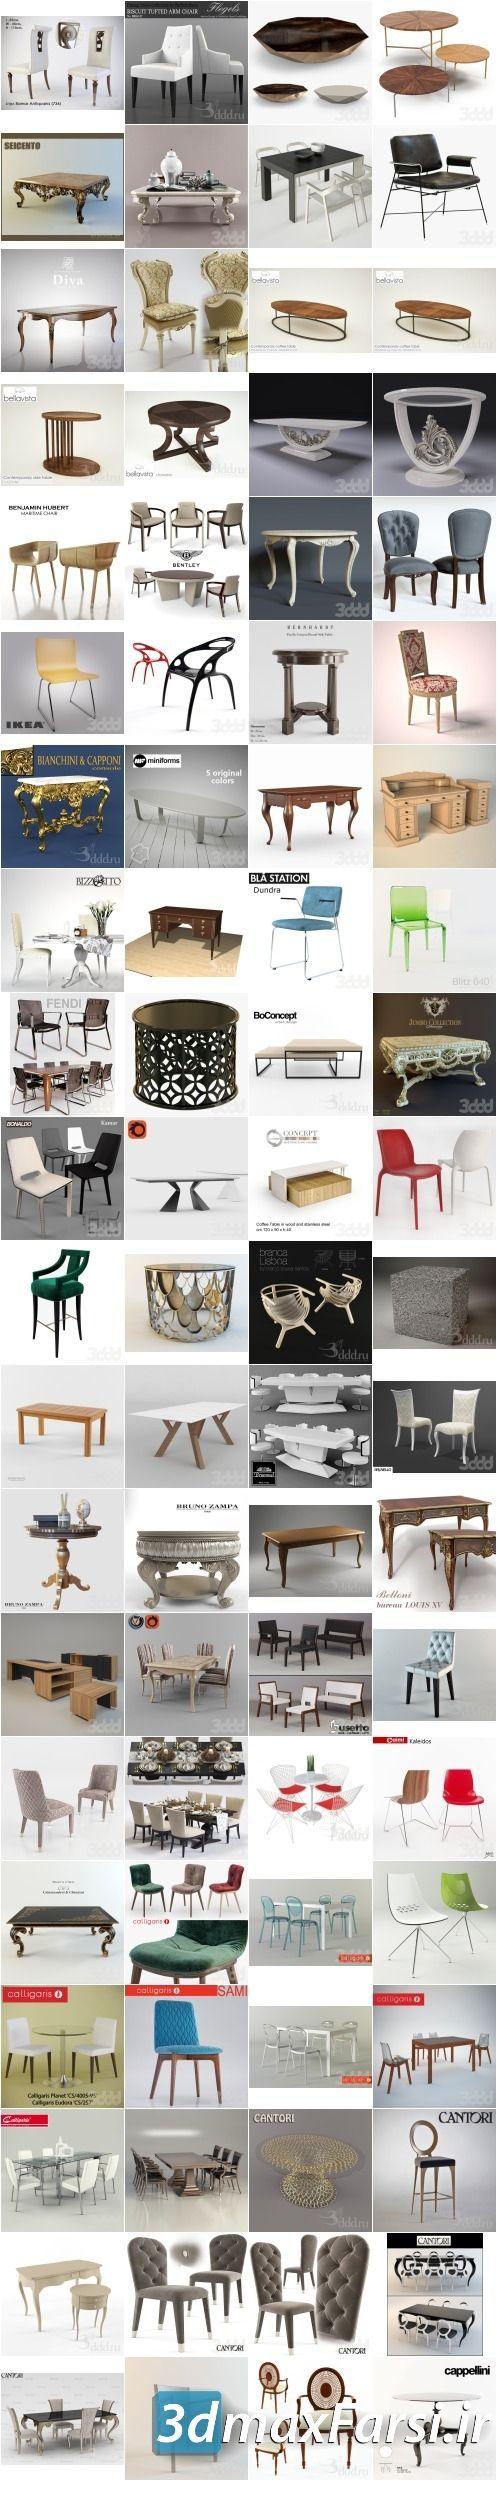 دانلود 3DDD PRO Table and Chair Vol. 3